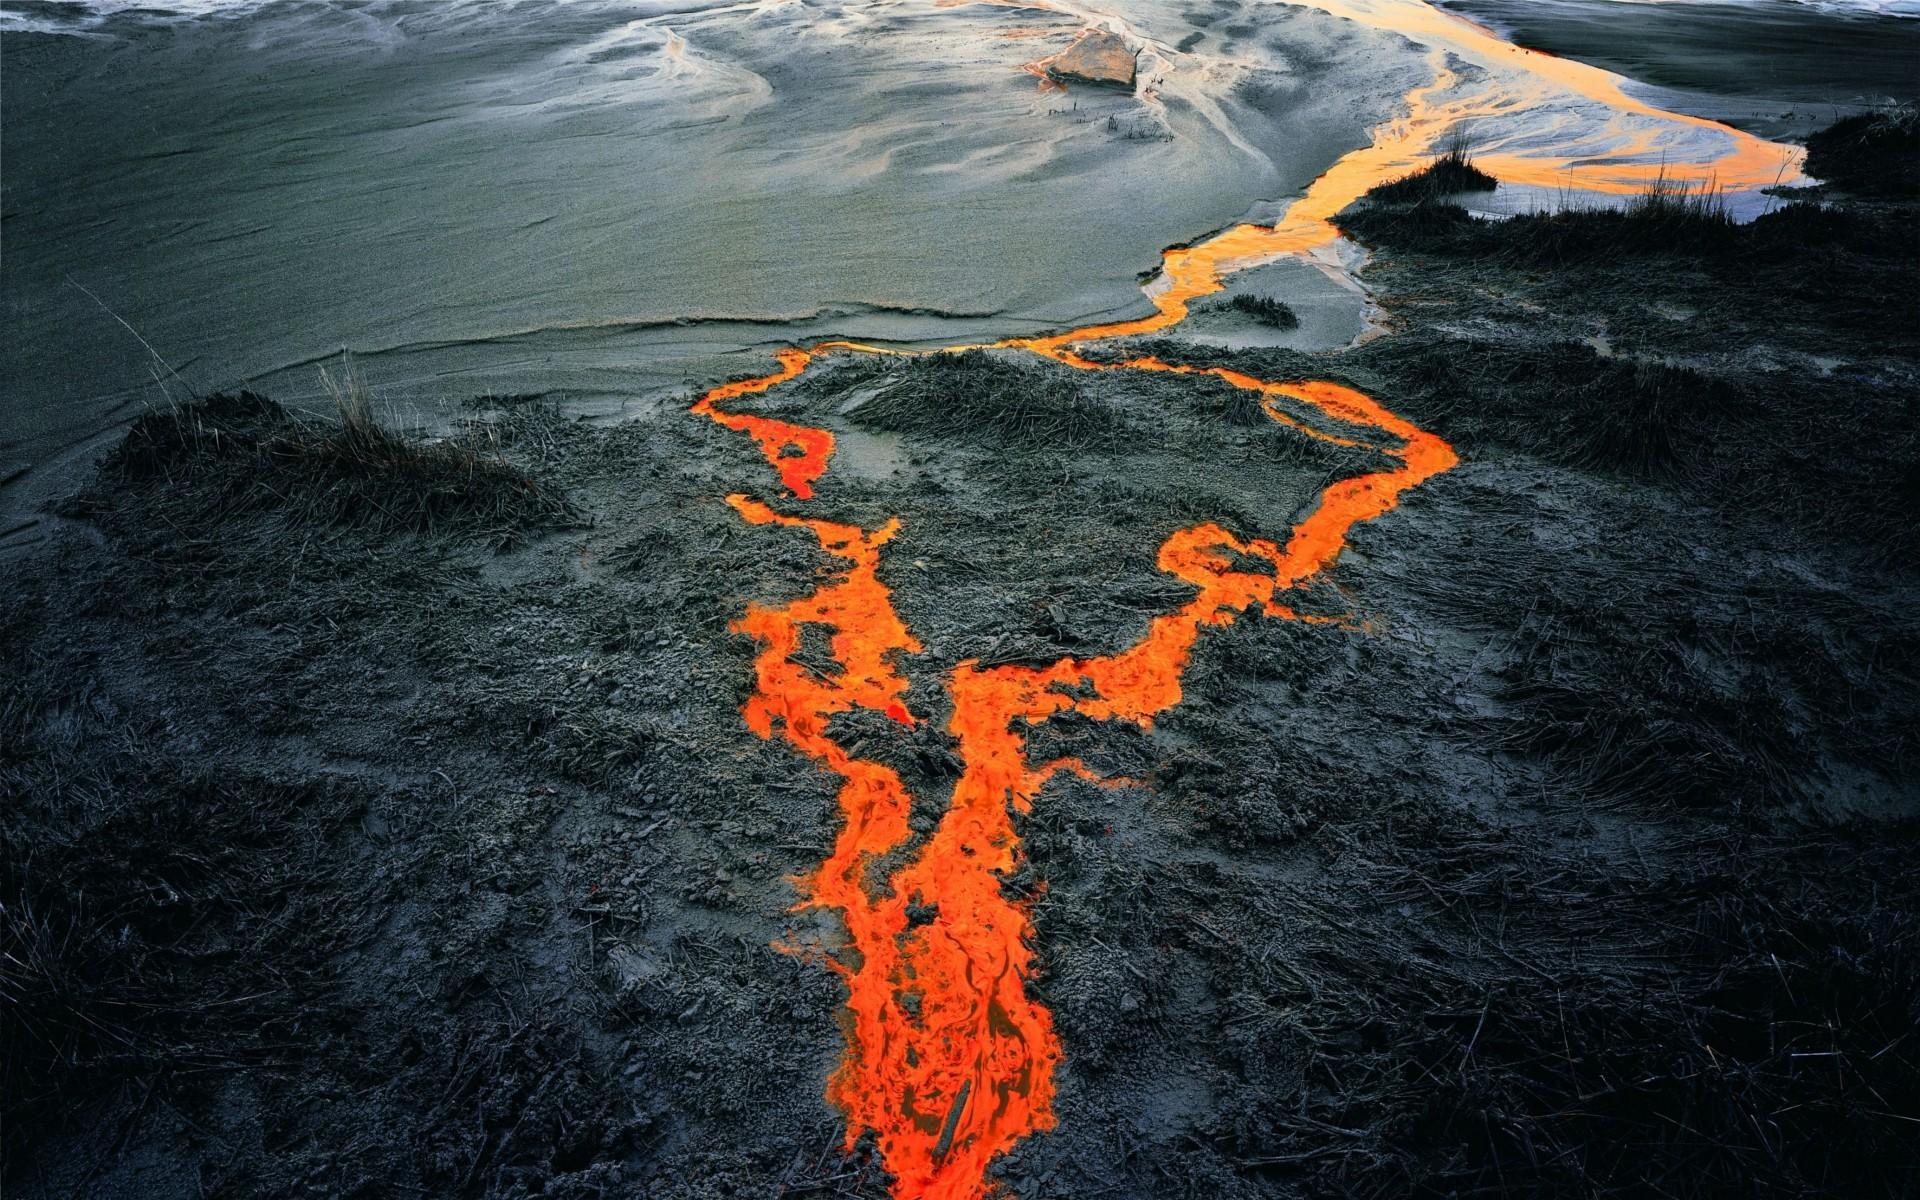 HD Volcano Wallpaper - WallpaperSafari